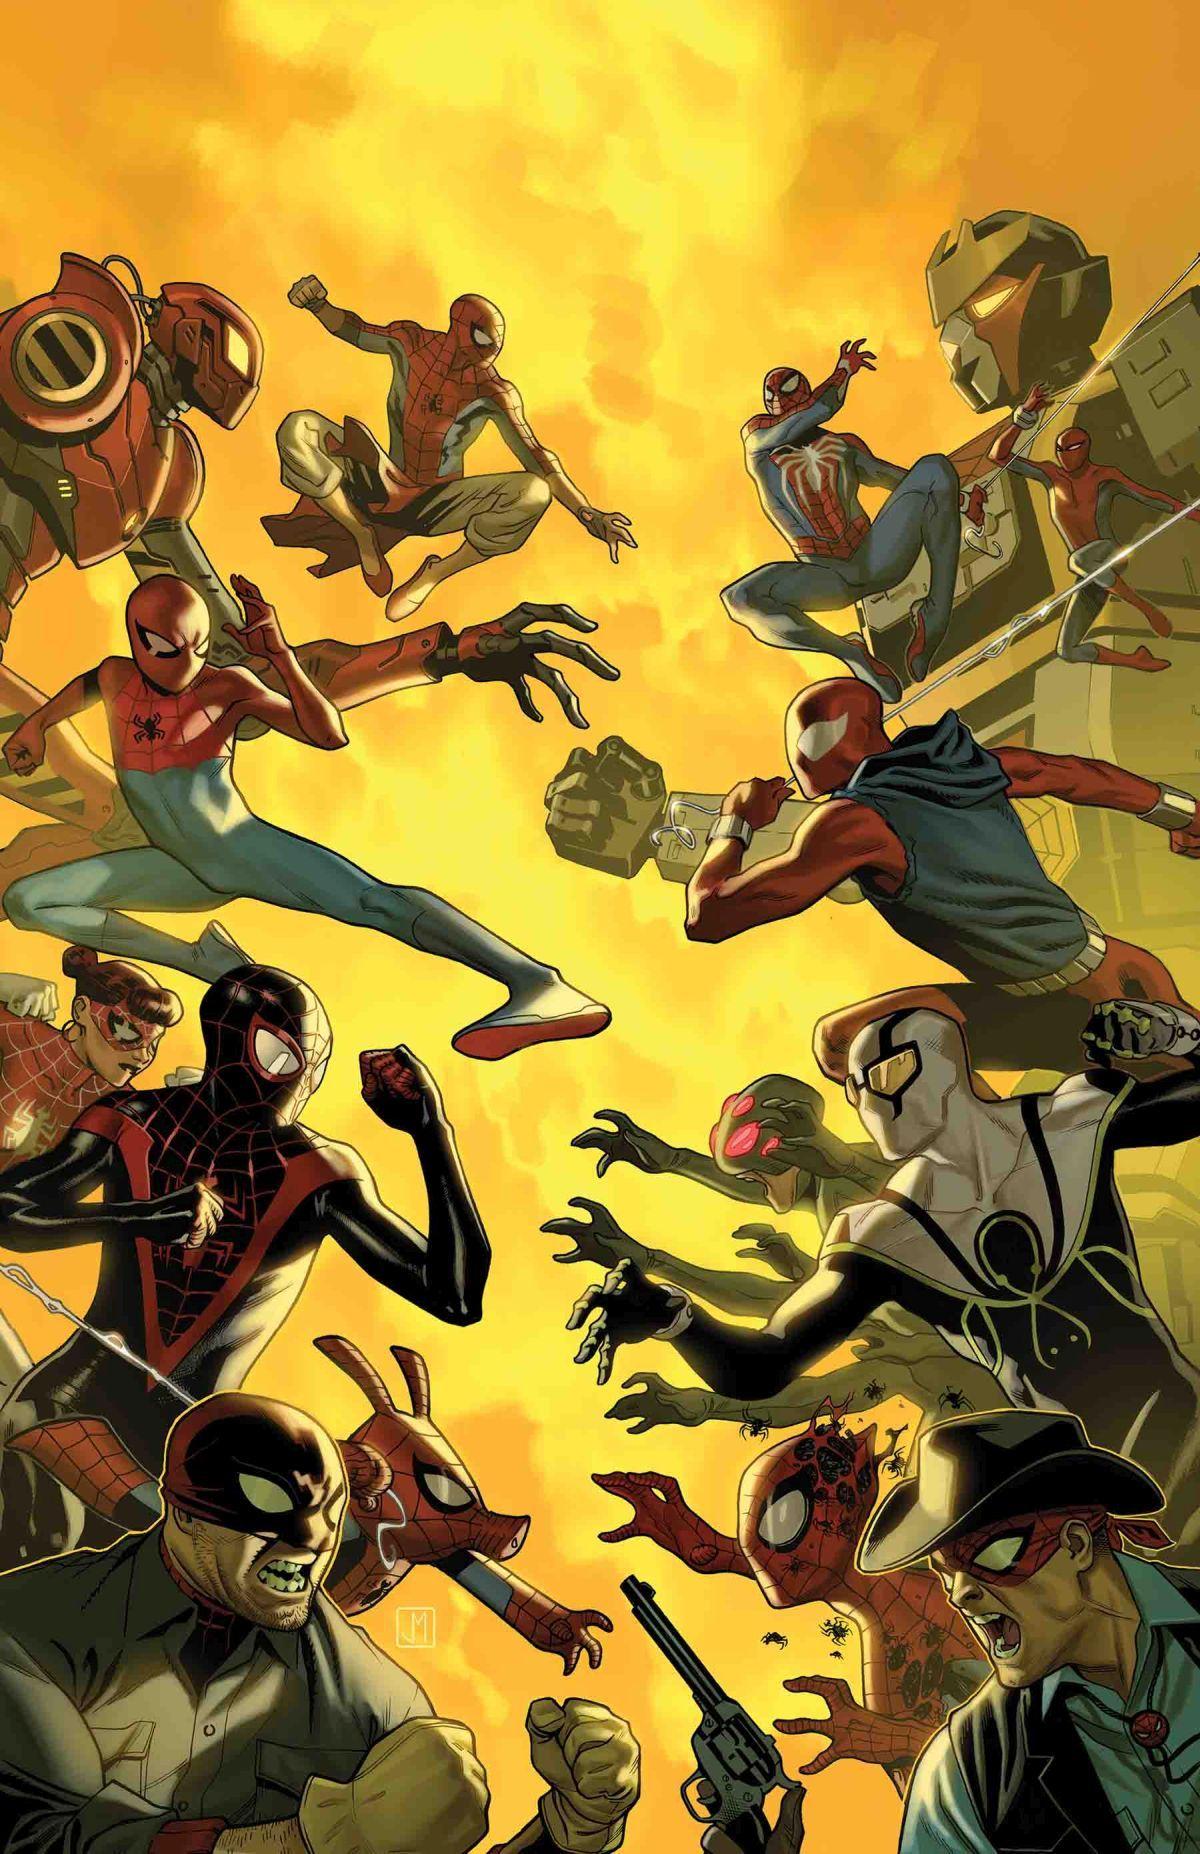 SPIDERGEDDON 3 (OF 5) Örümcek adam, Örümcek, Çizgi roman